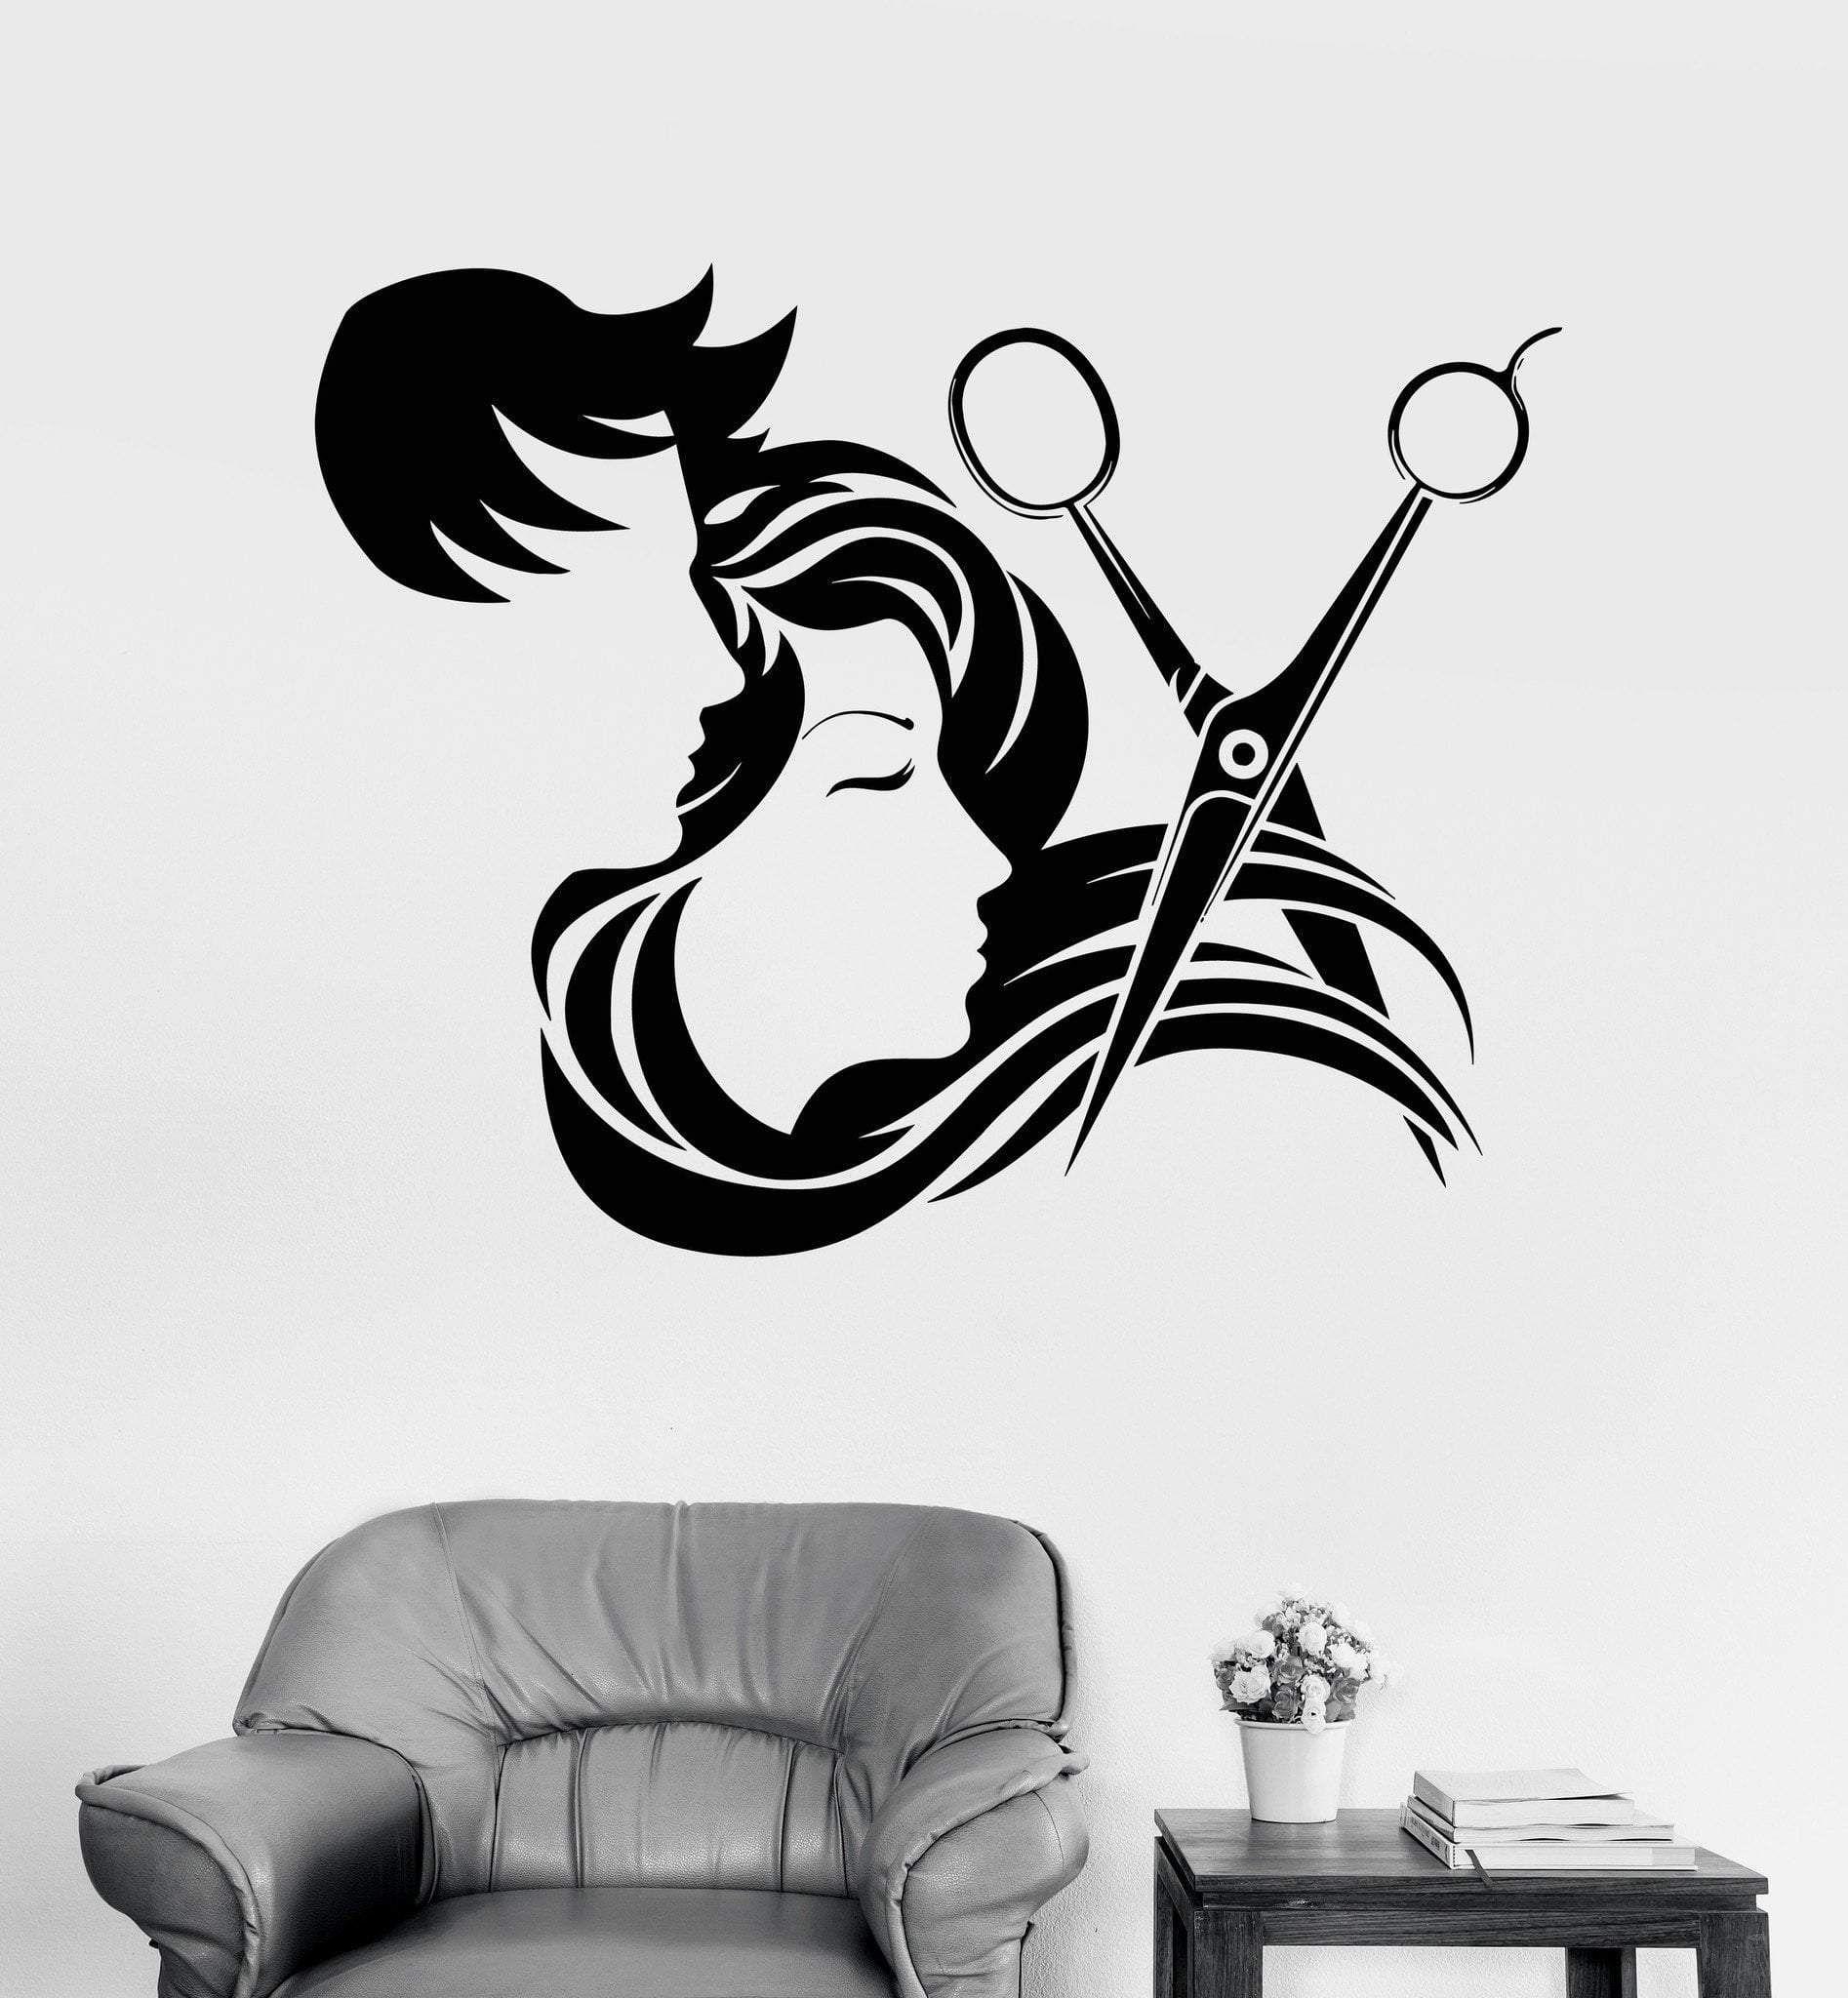 Hairdresser Salon Barber Shop Clock Vinyl Record Wall Art Home Decor Best Gifts